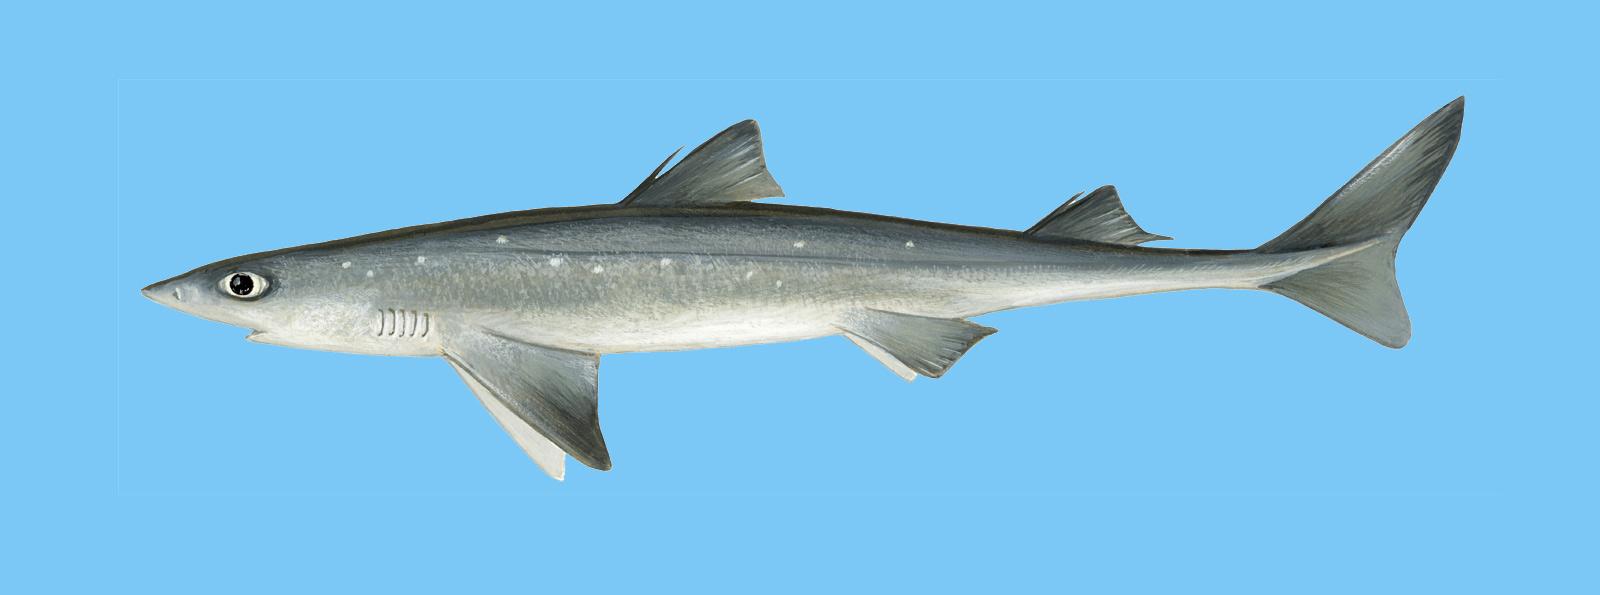 Schillerlocke fisch